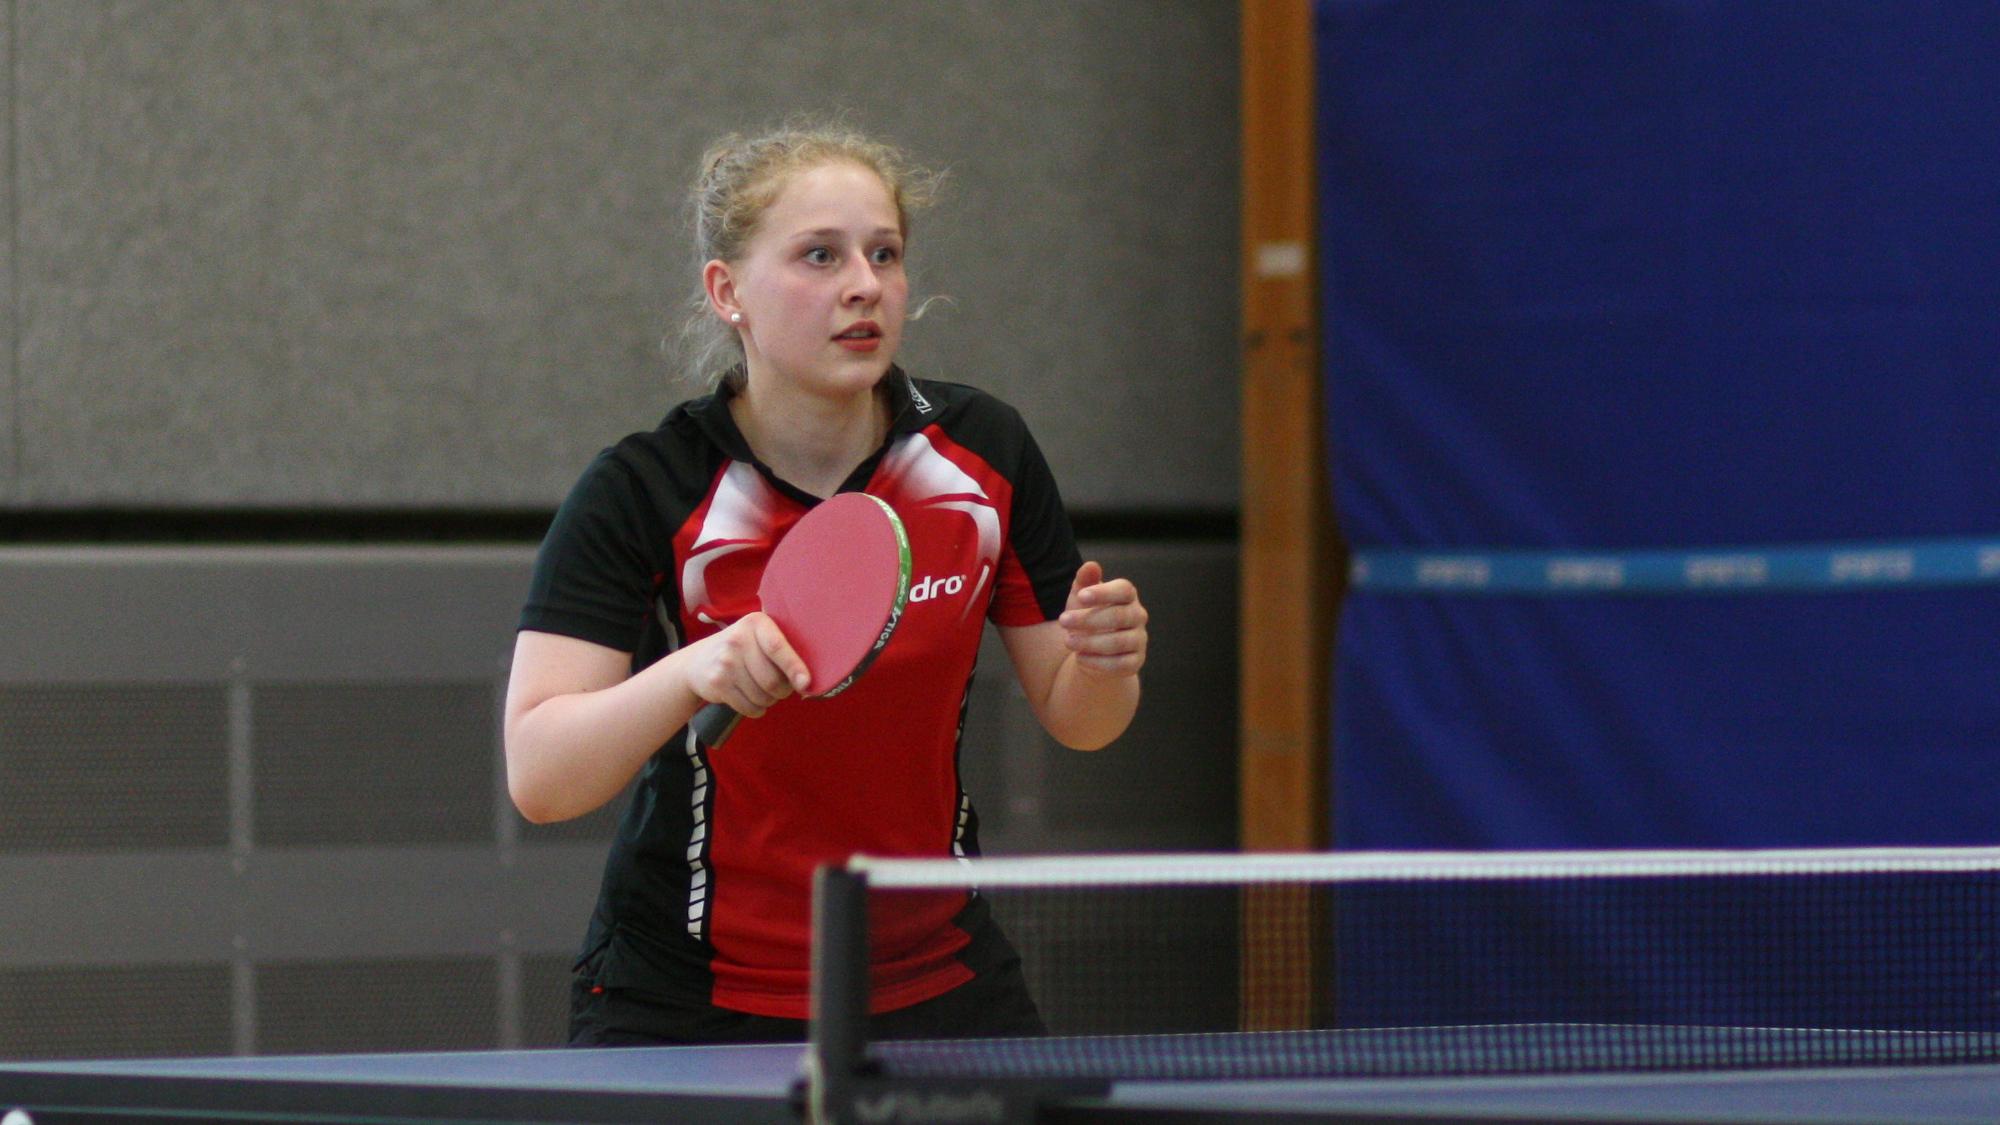 Ob sie selbst damit gerechnet hat? Nachdem sie am Samstag in der Jugend-Konkurrenz Svenja den Vortritt lassen musste, gewann Sophie am Sonntag die Vereinsmeisterschaft der Damen.